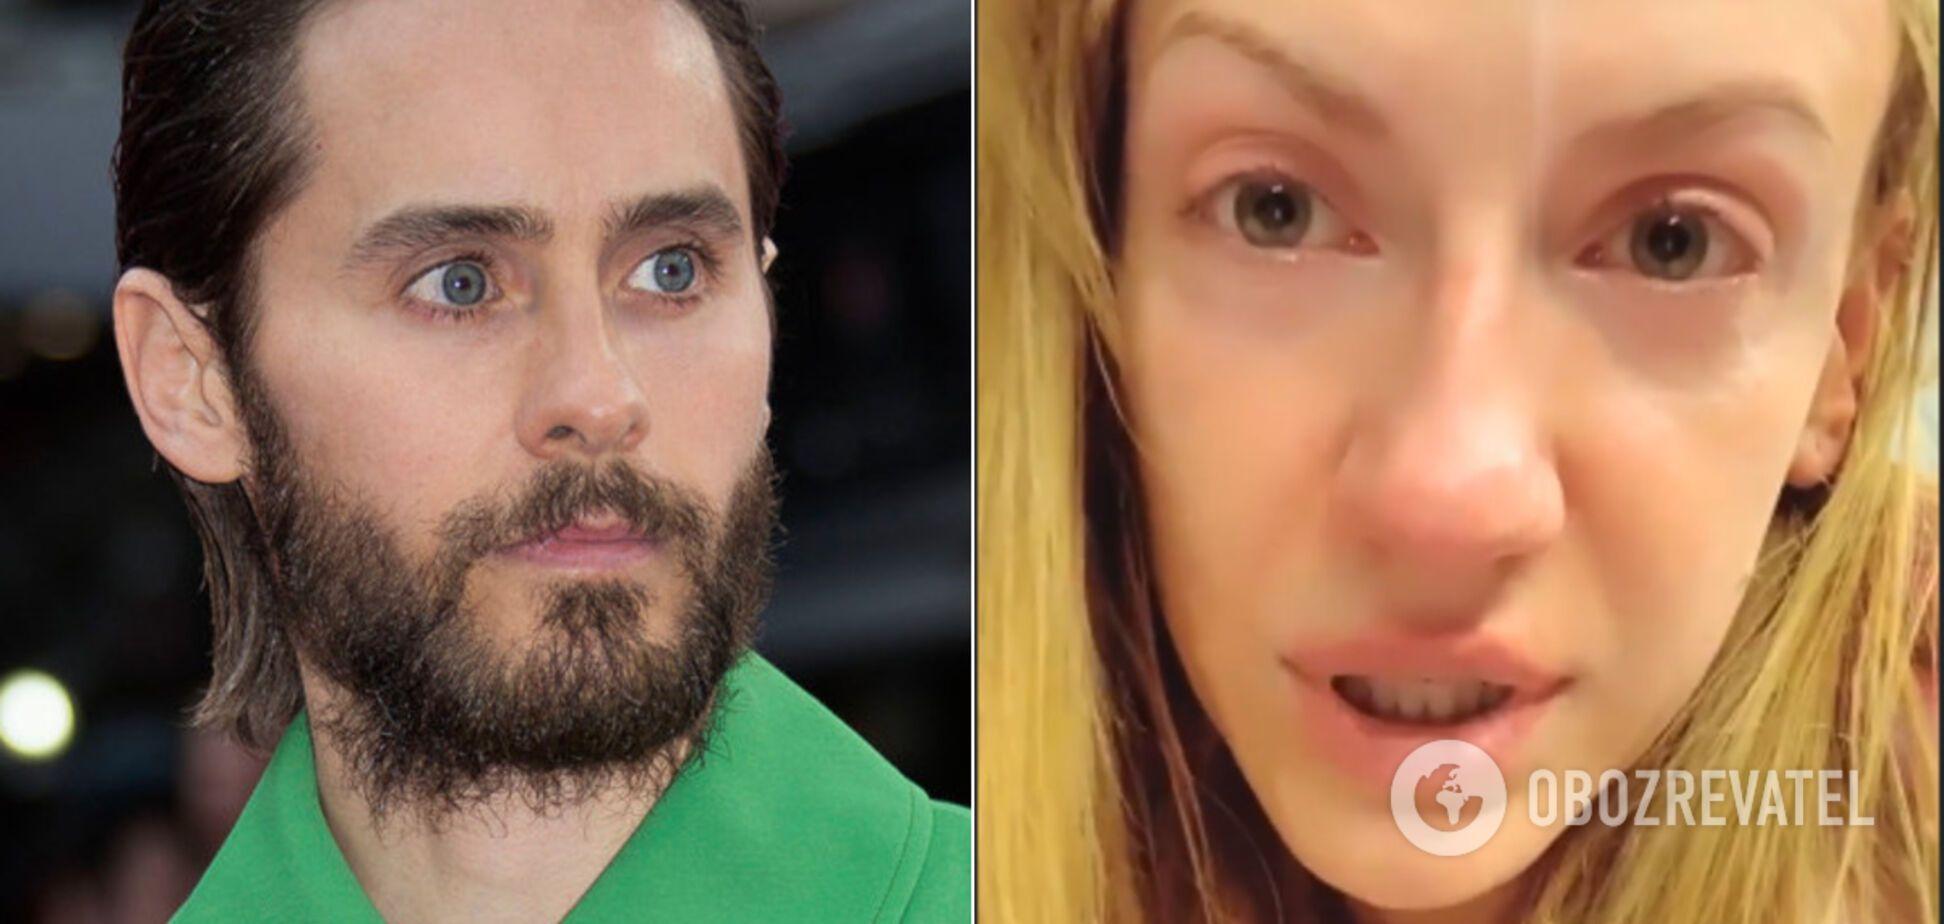 Нікітюк розплакалася через розмову з Джаредом Лето: що трапилося